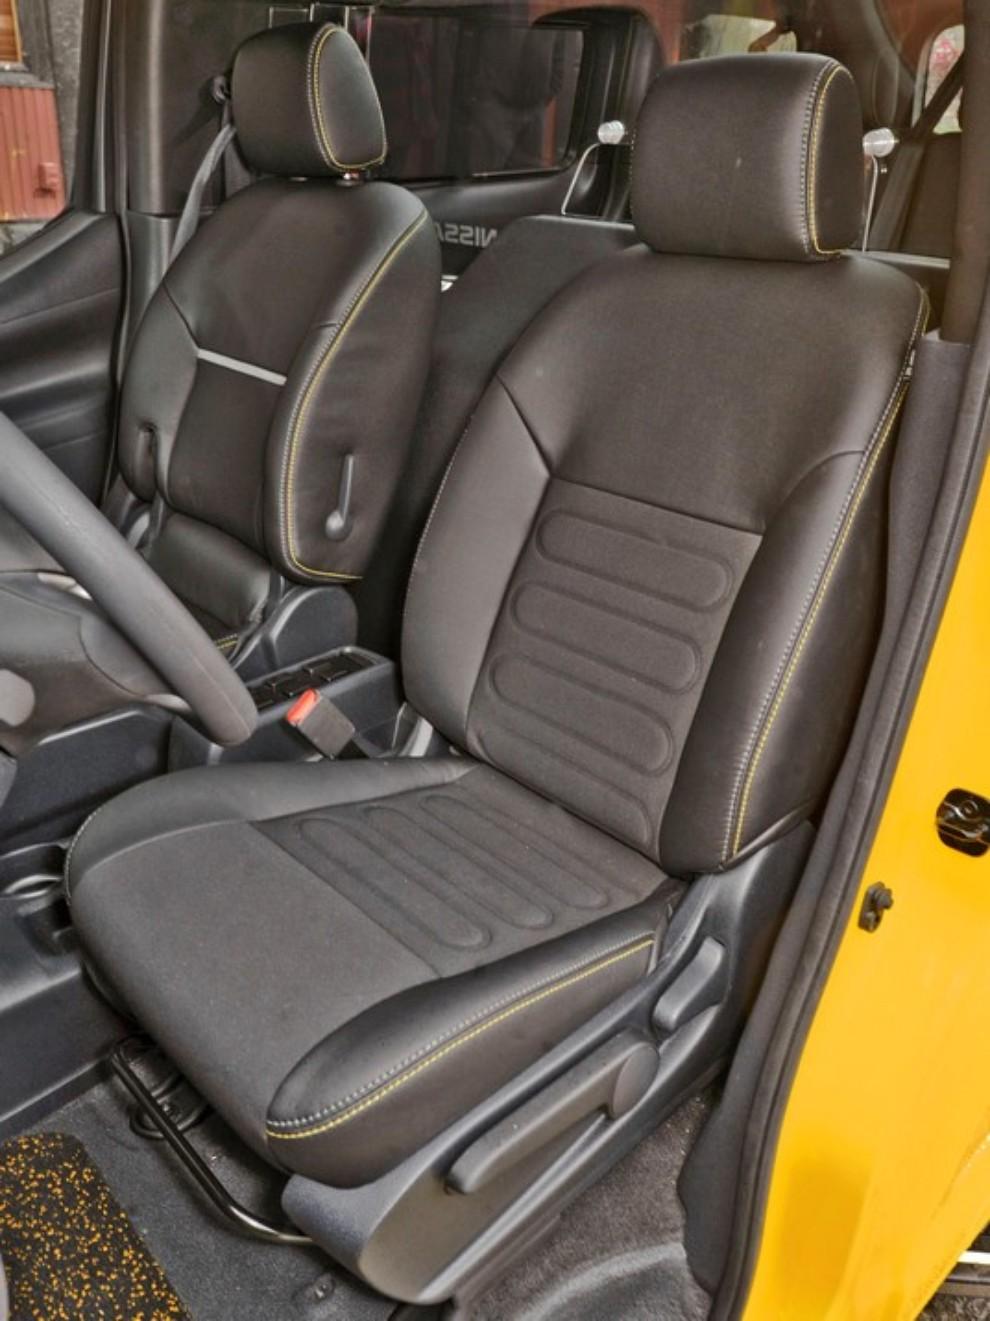 Nissan NV200 è il nuovo taxi di New York - Foto 19 di 28